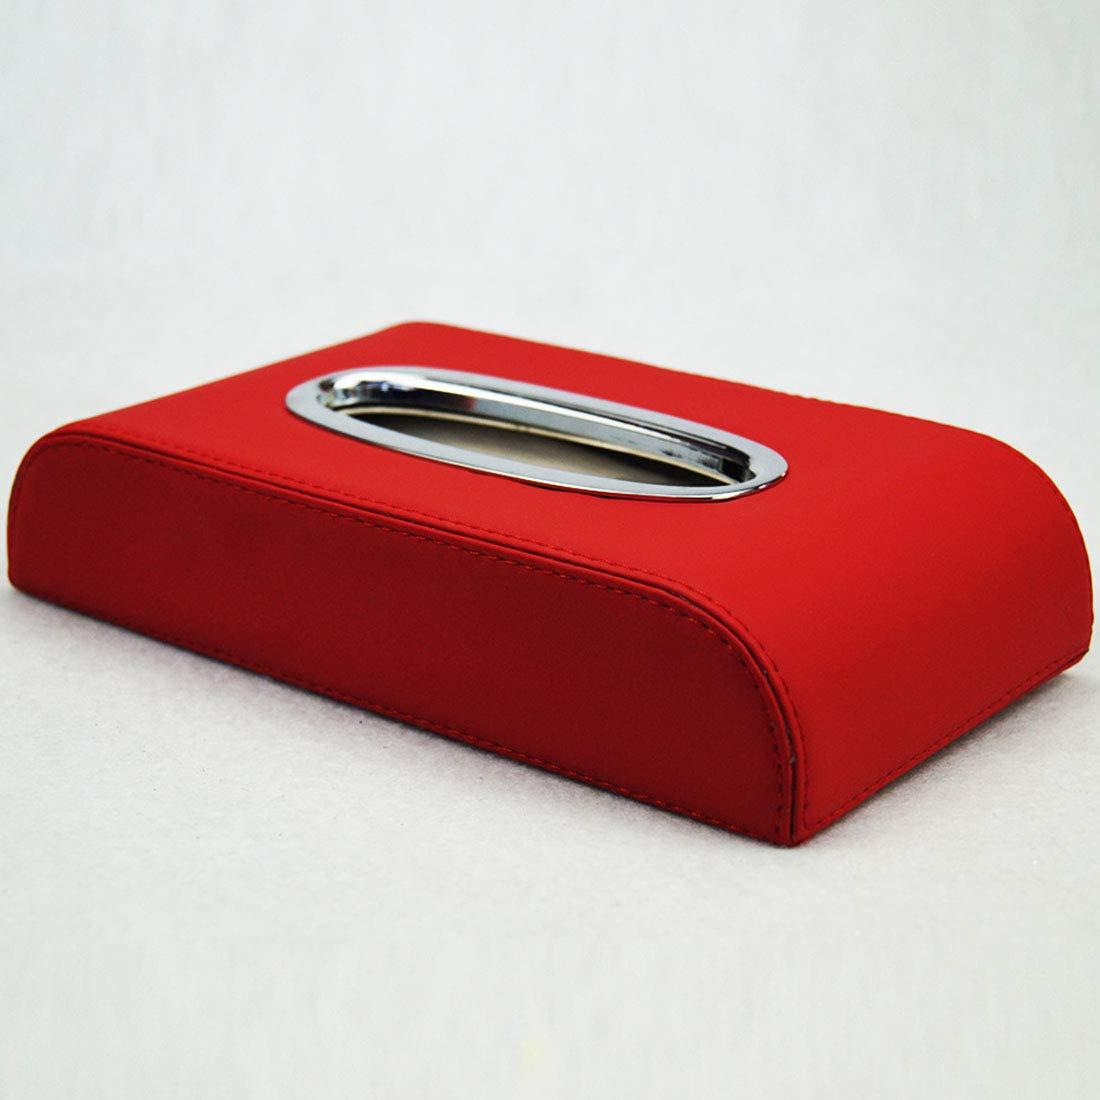 WEATLY Scatola portafazzoletti da Viaggio con braccioli Antiscivolo di Alta qualità (Color : Beige)